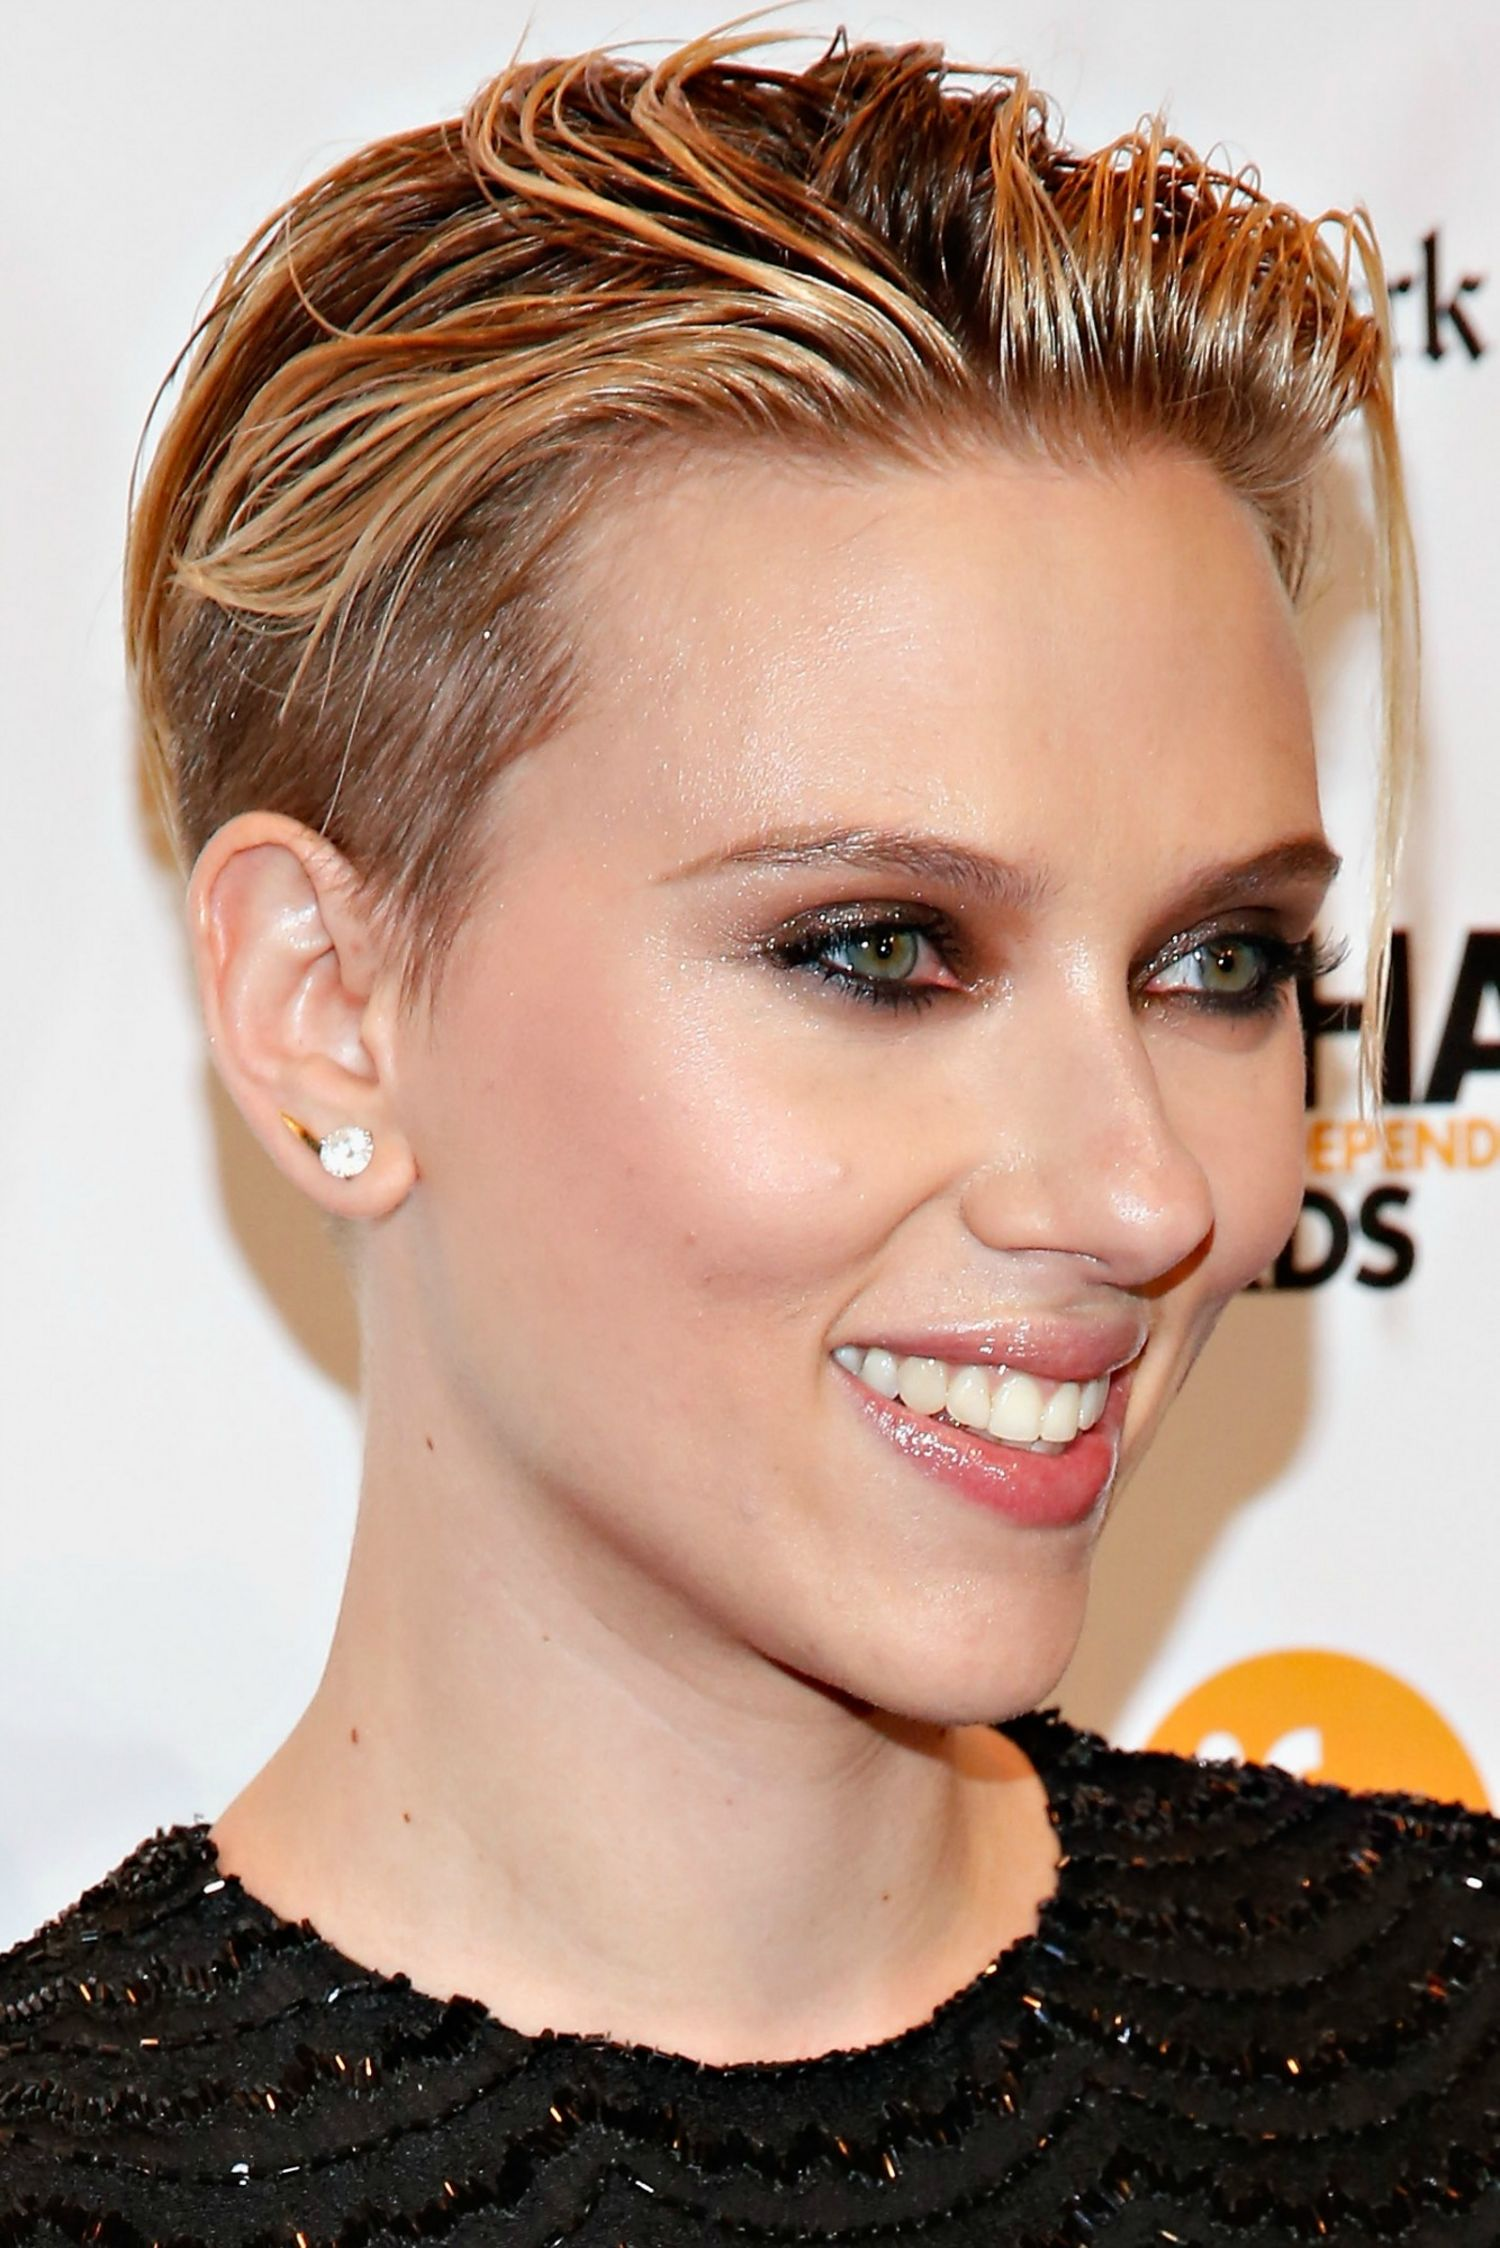 Taglio capelli corti Scarlett Johansson 2015 - Taglio-capelli-corti-Scarlett-Johansson-2015